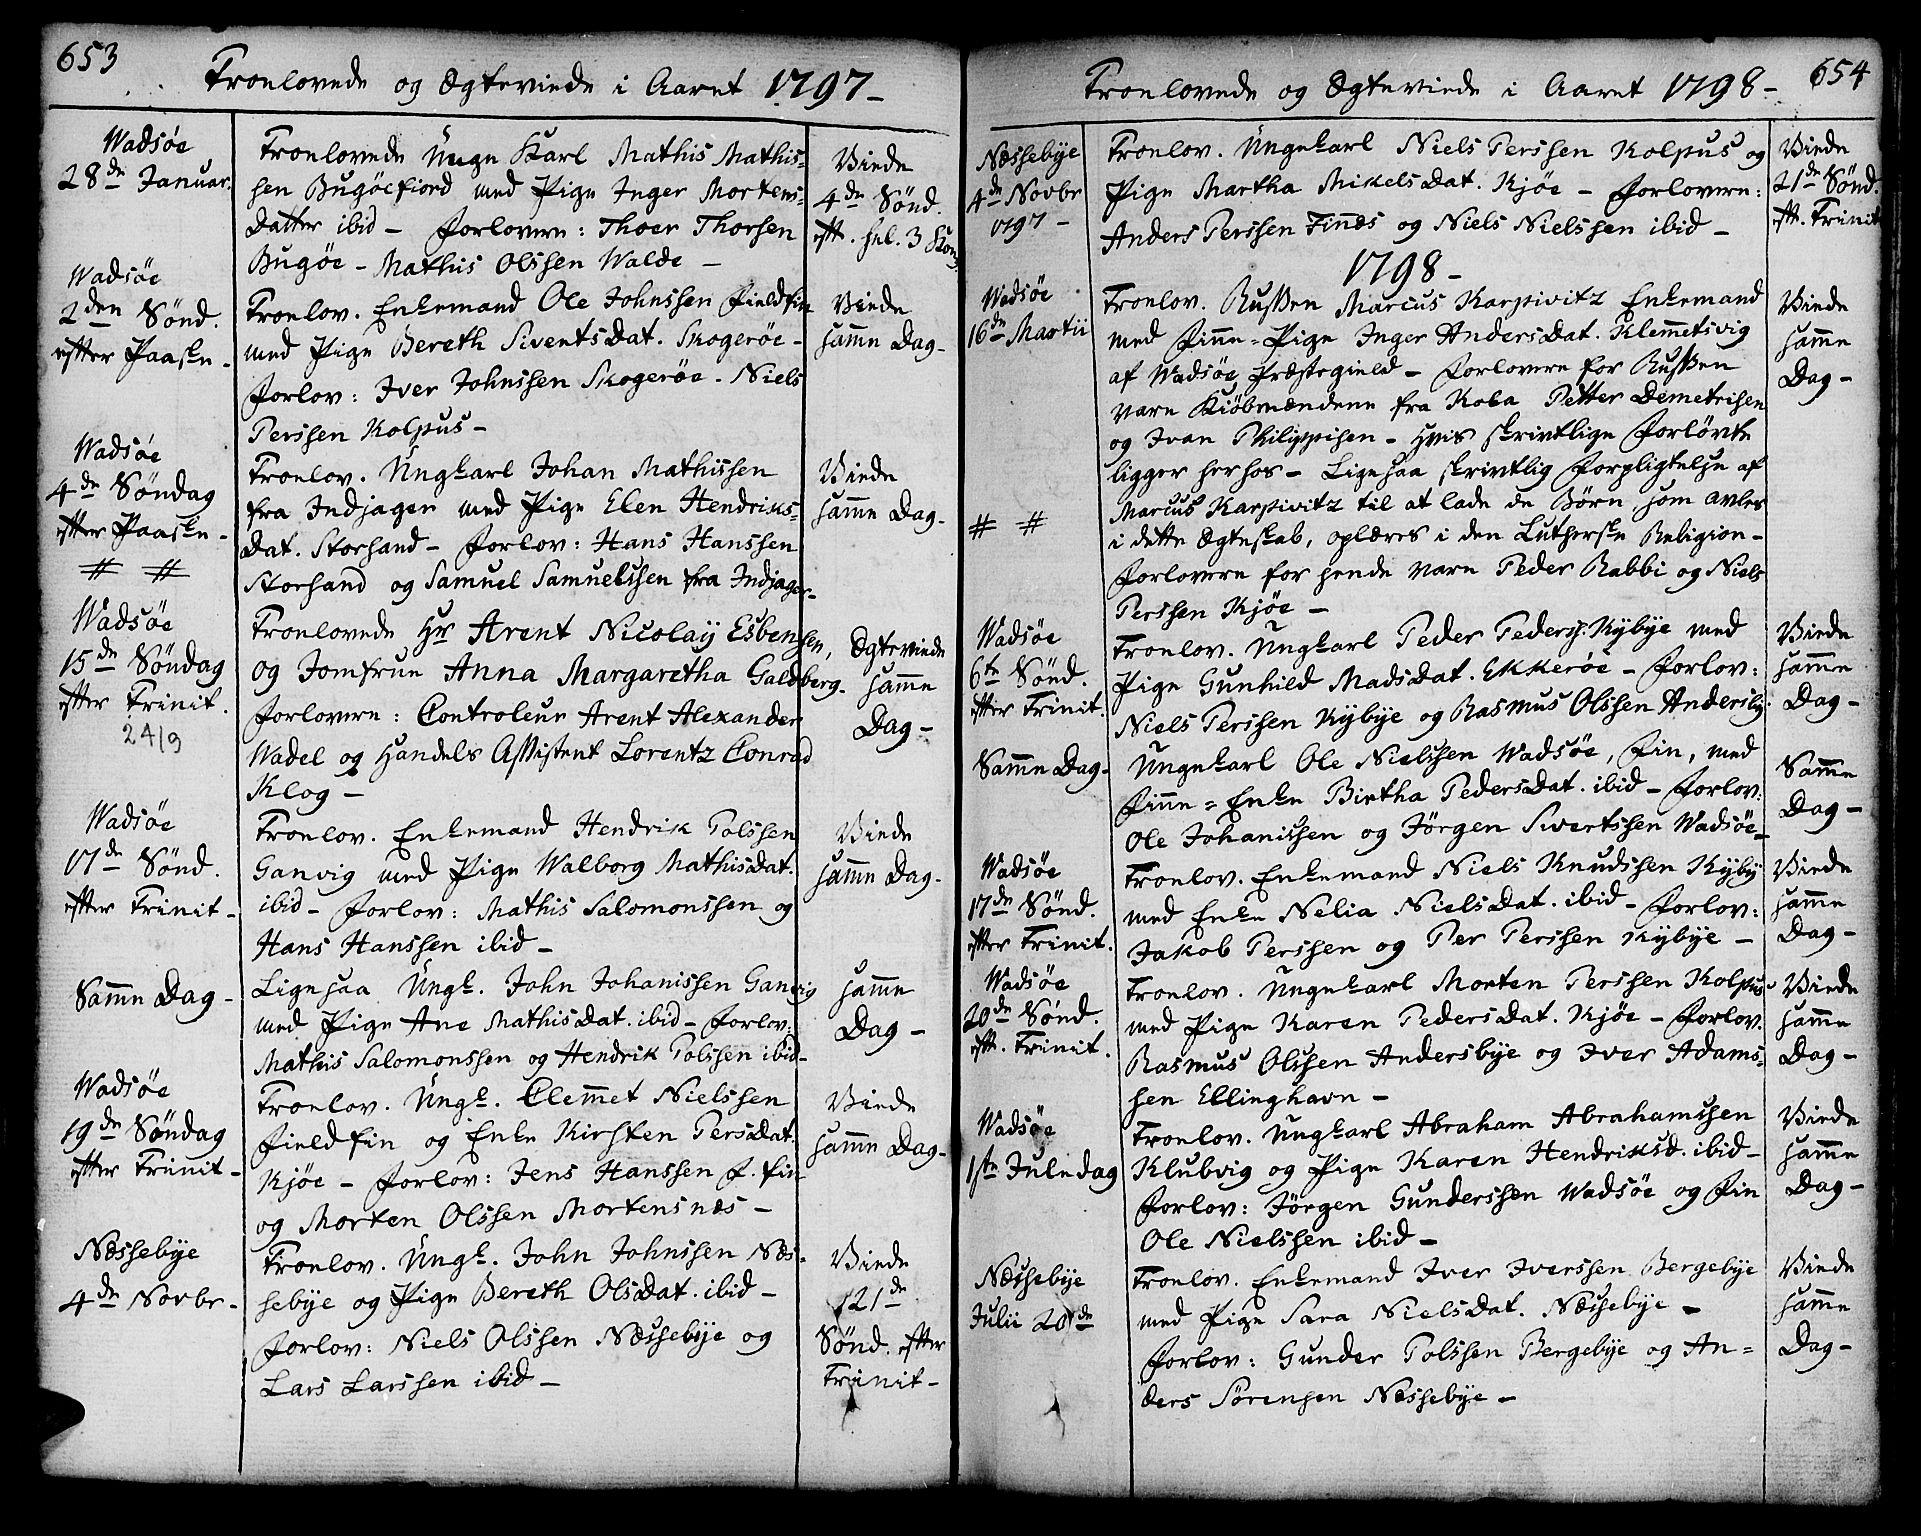 SATØ, Vadsø soknepreskontor, H/Ha/L0002kirke: Ministerialbok nr. 2, 1764-1821, s. 653-654